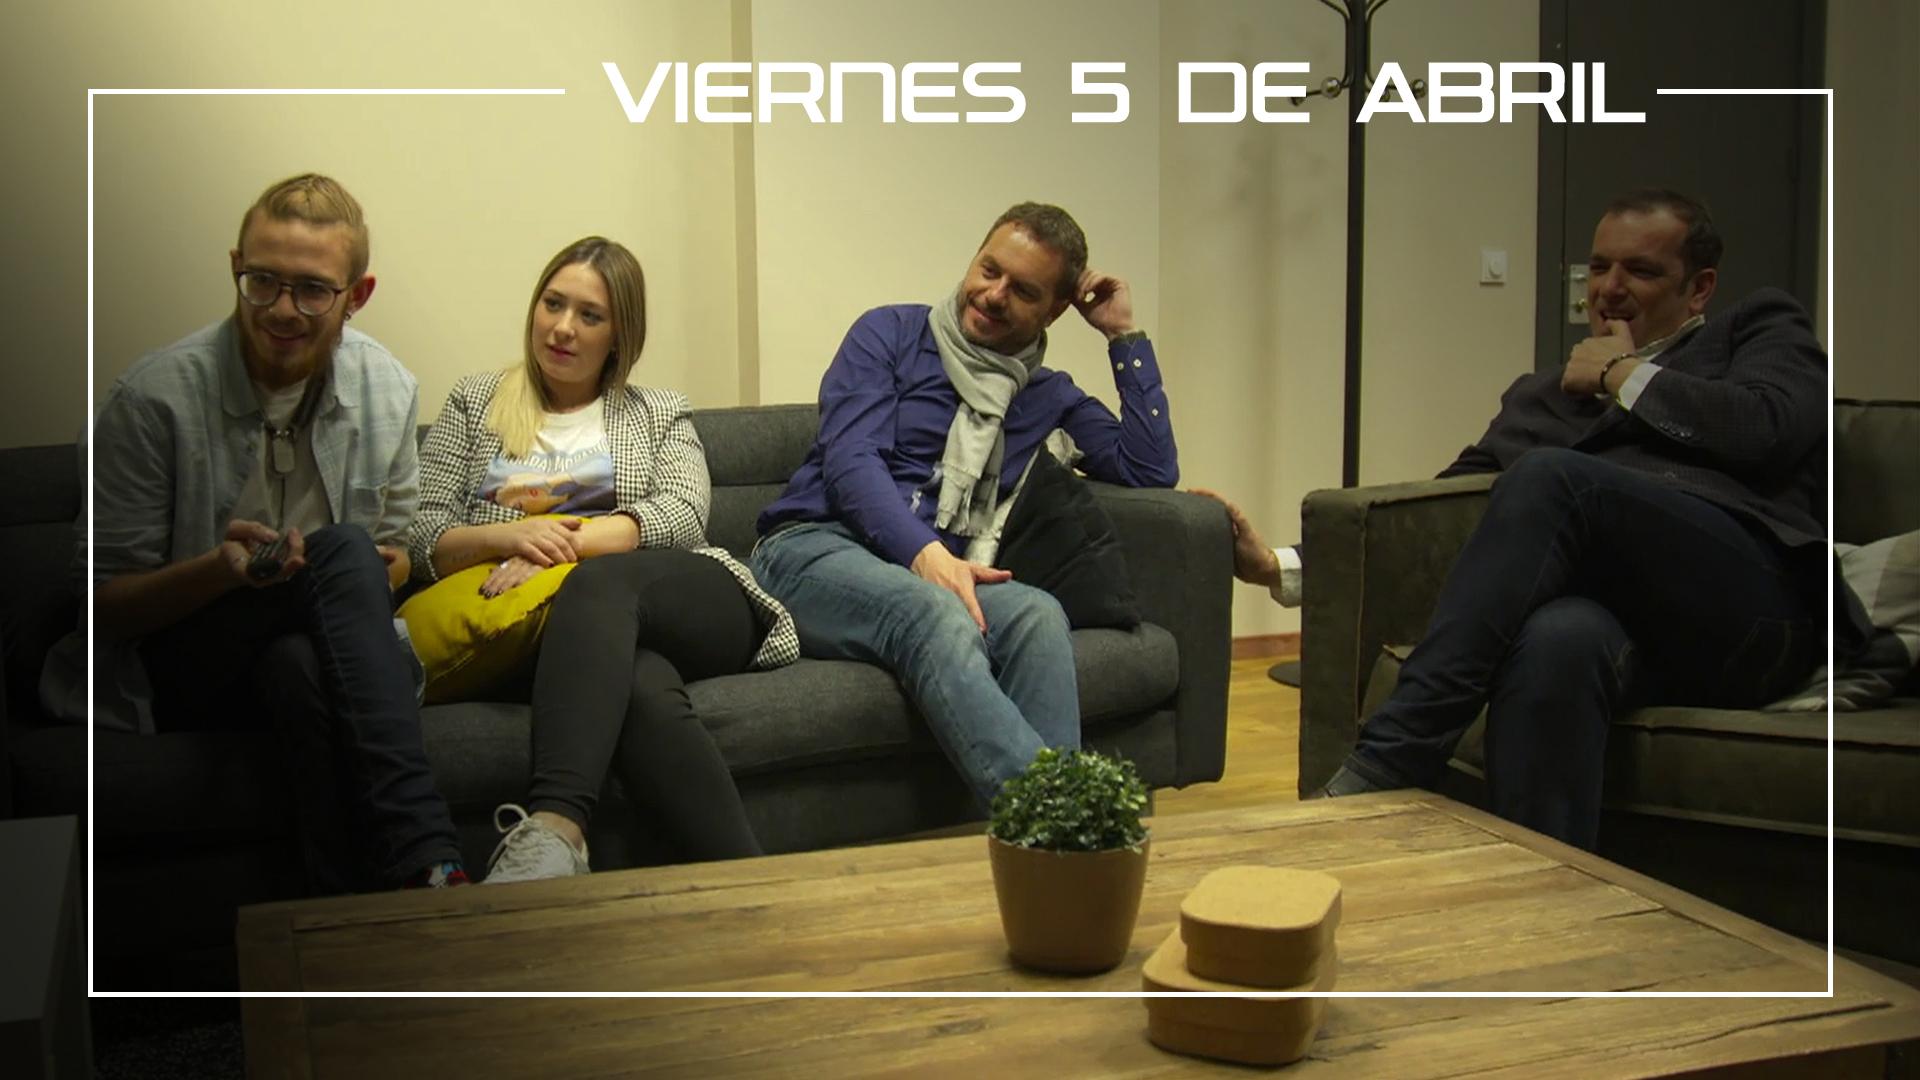 Viernes 5 de abril Los finalistas de 'La Voz' se emocionan al ver la despedida con sus compañeros